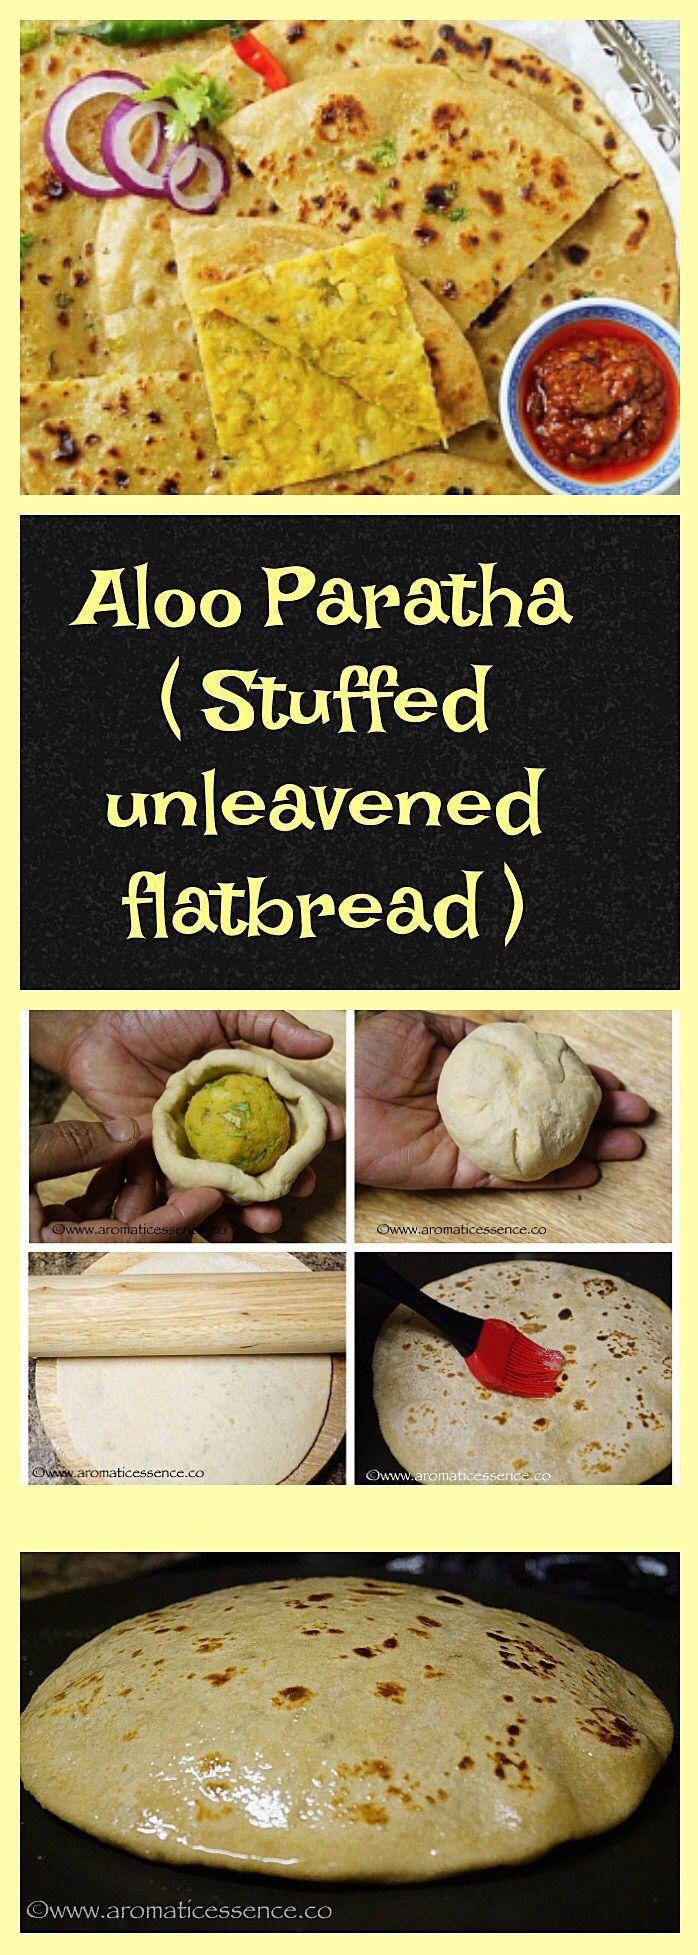 Aloo Paratha (Potato stuffed unleavened flatbread) | Aromatic Essence